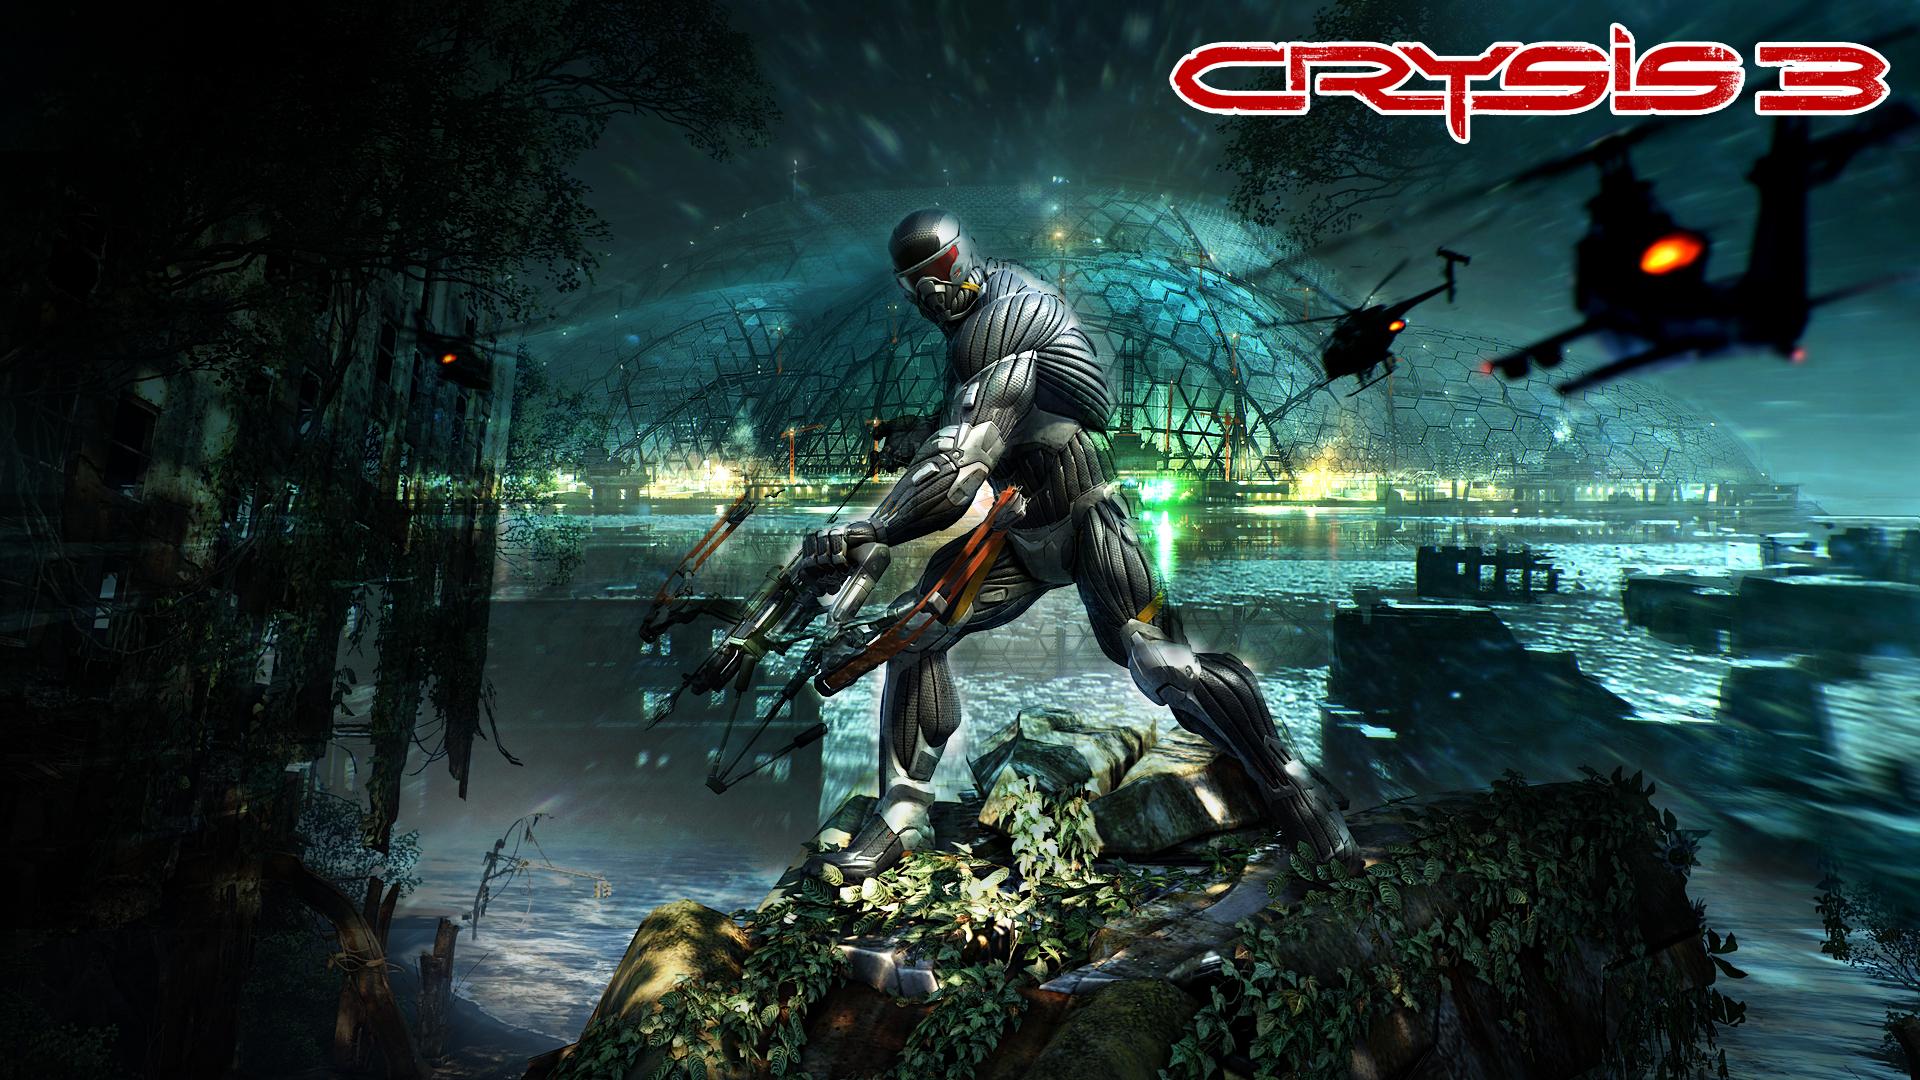 Crysis 3 Full HD Fondo de Pantalla and Fondo de escritorio ...